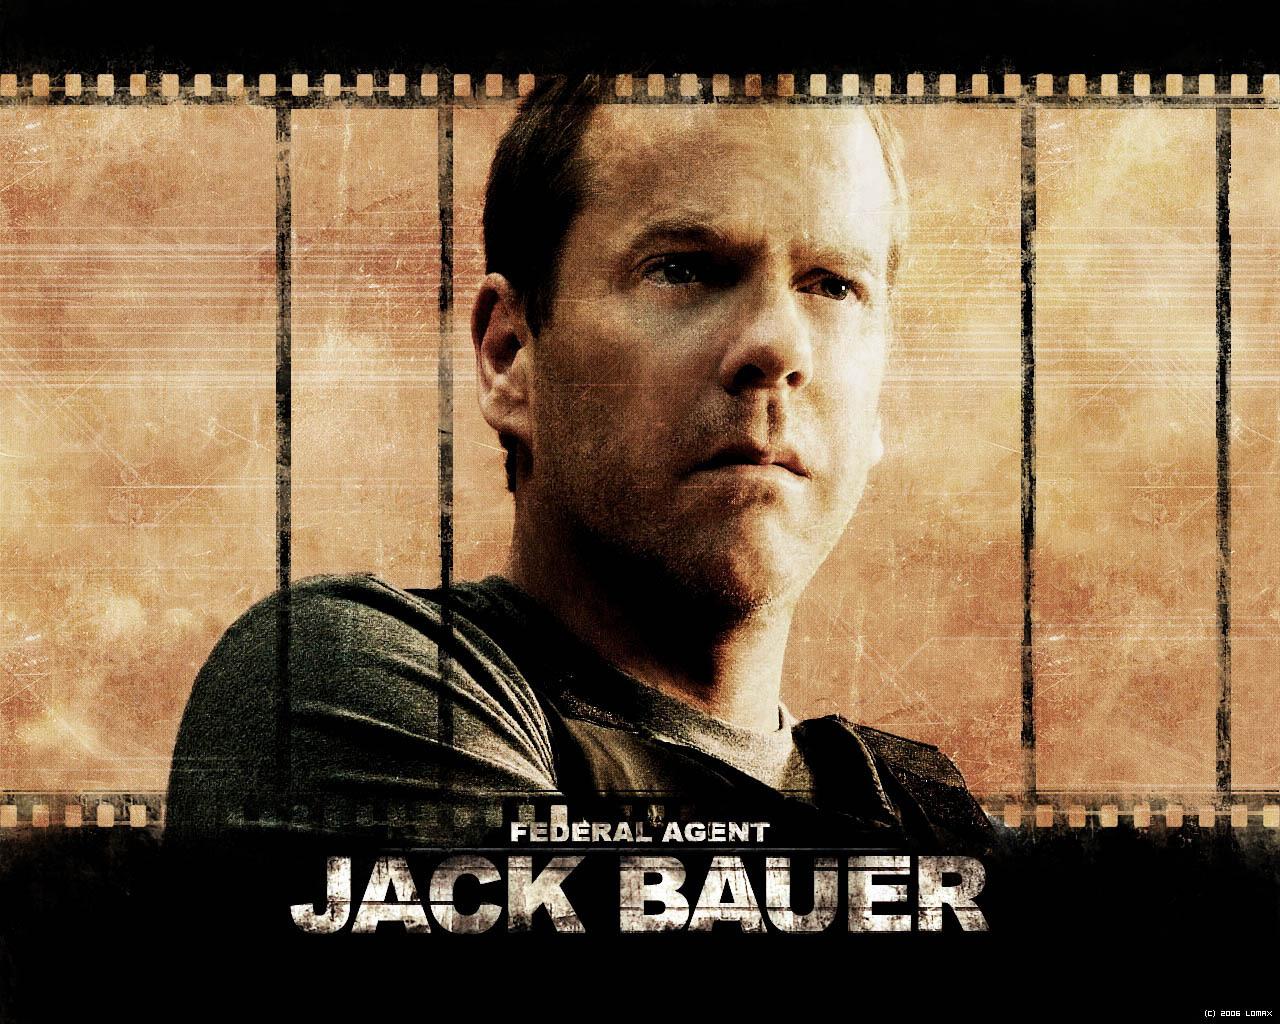 Jack-bauer-24-1393189-1280-1024.jpg